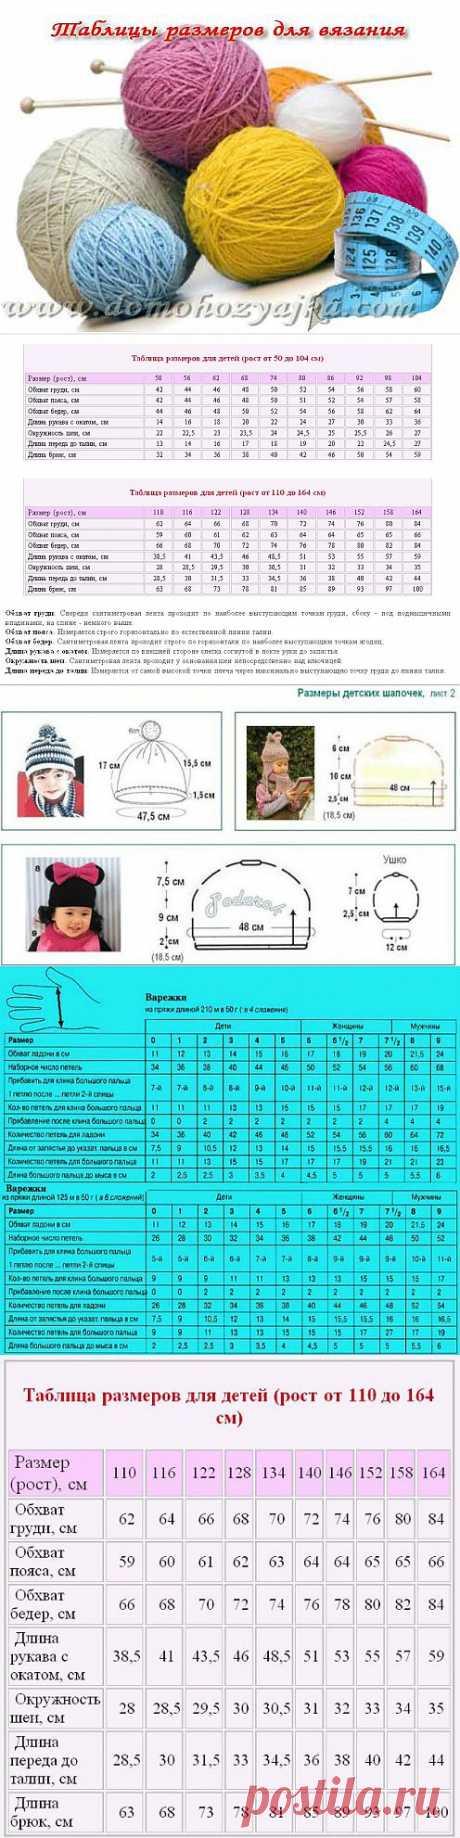 Таблицы размеров для вязания | Домохозяйка